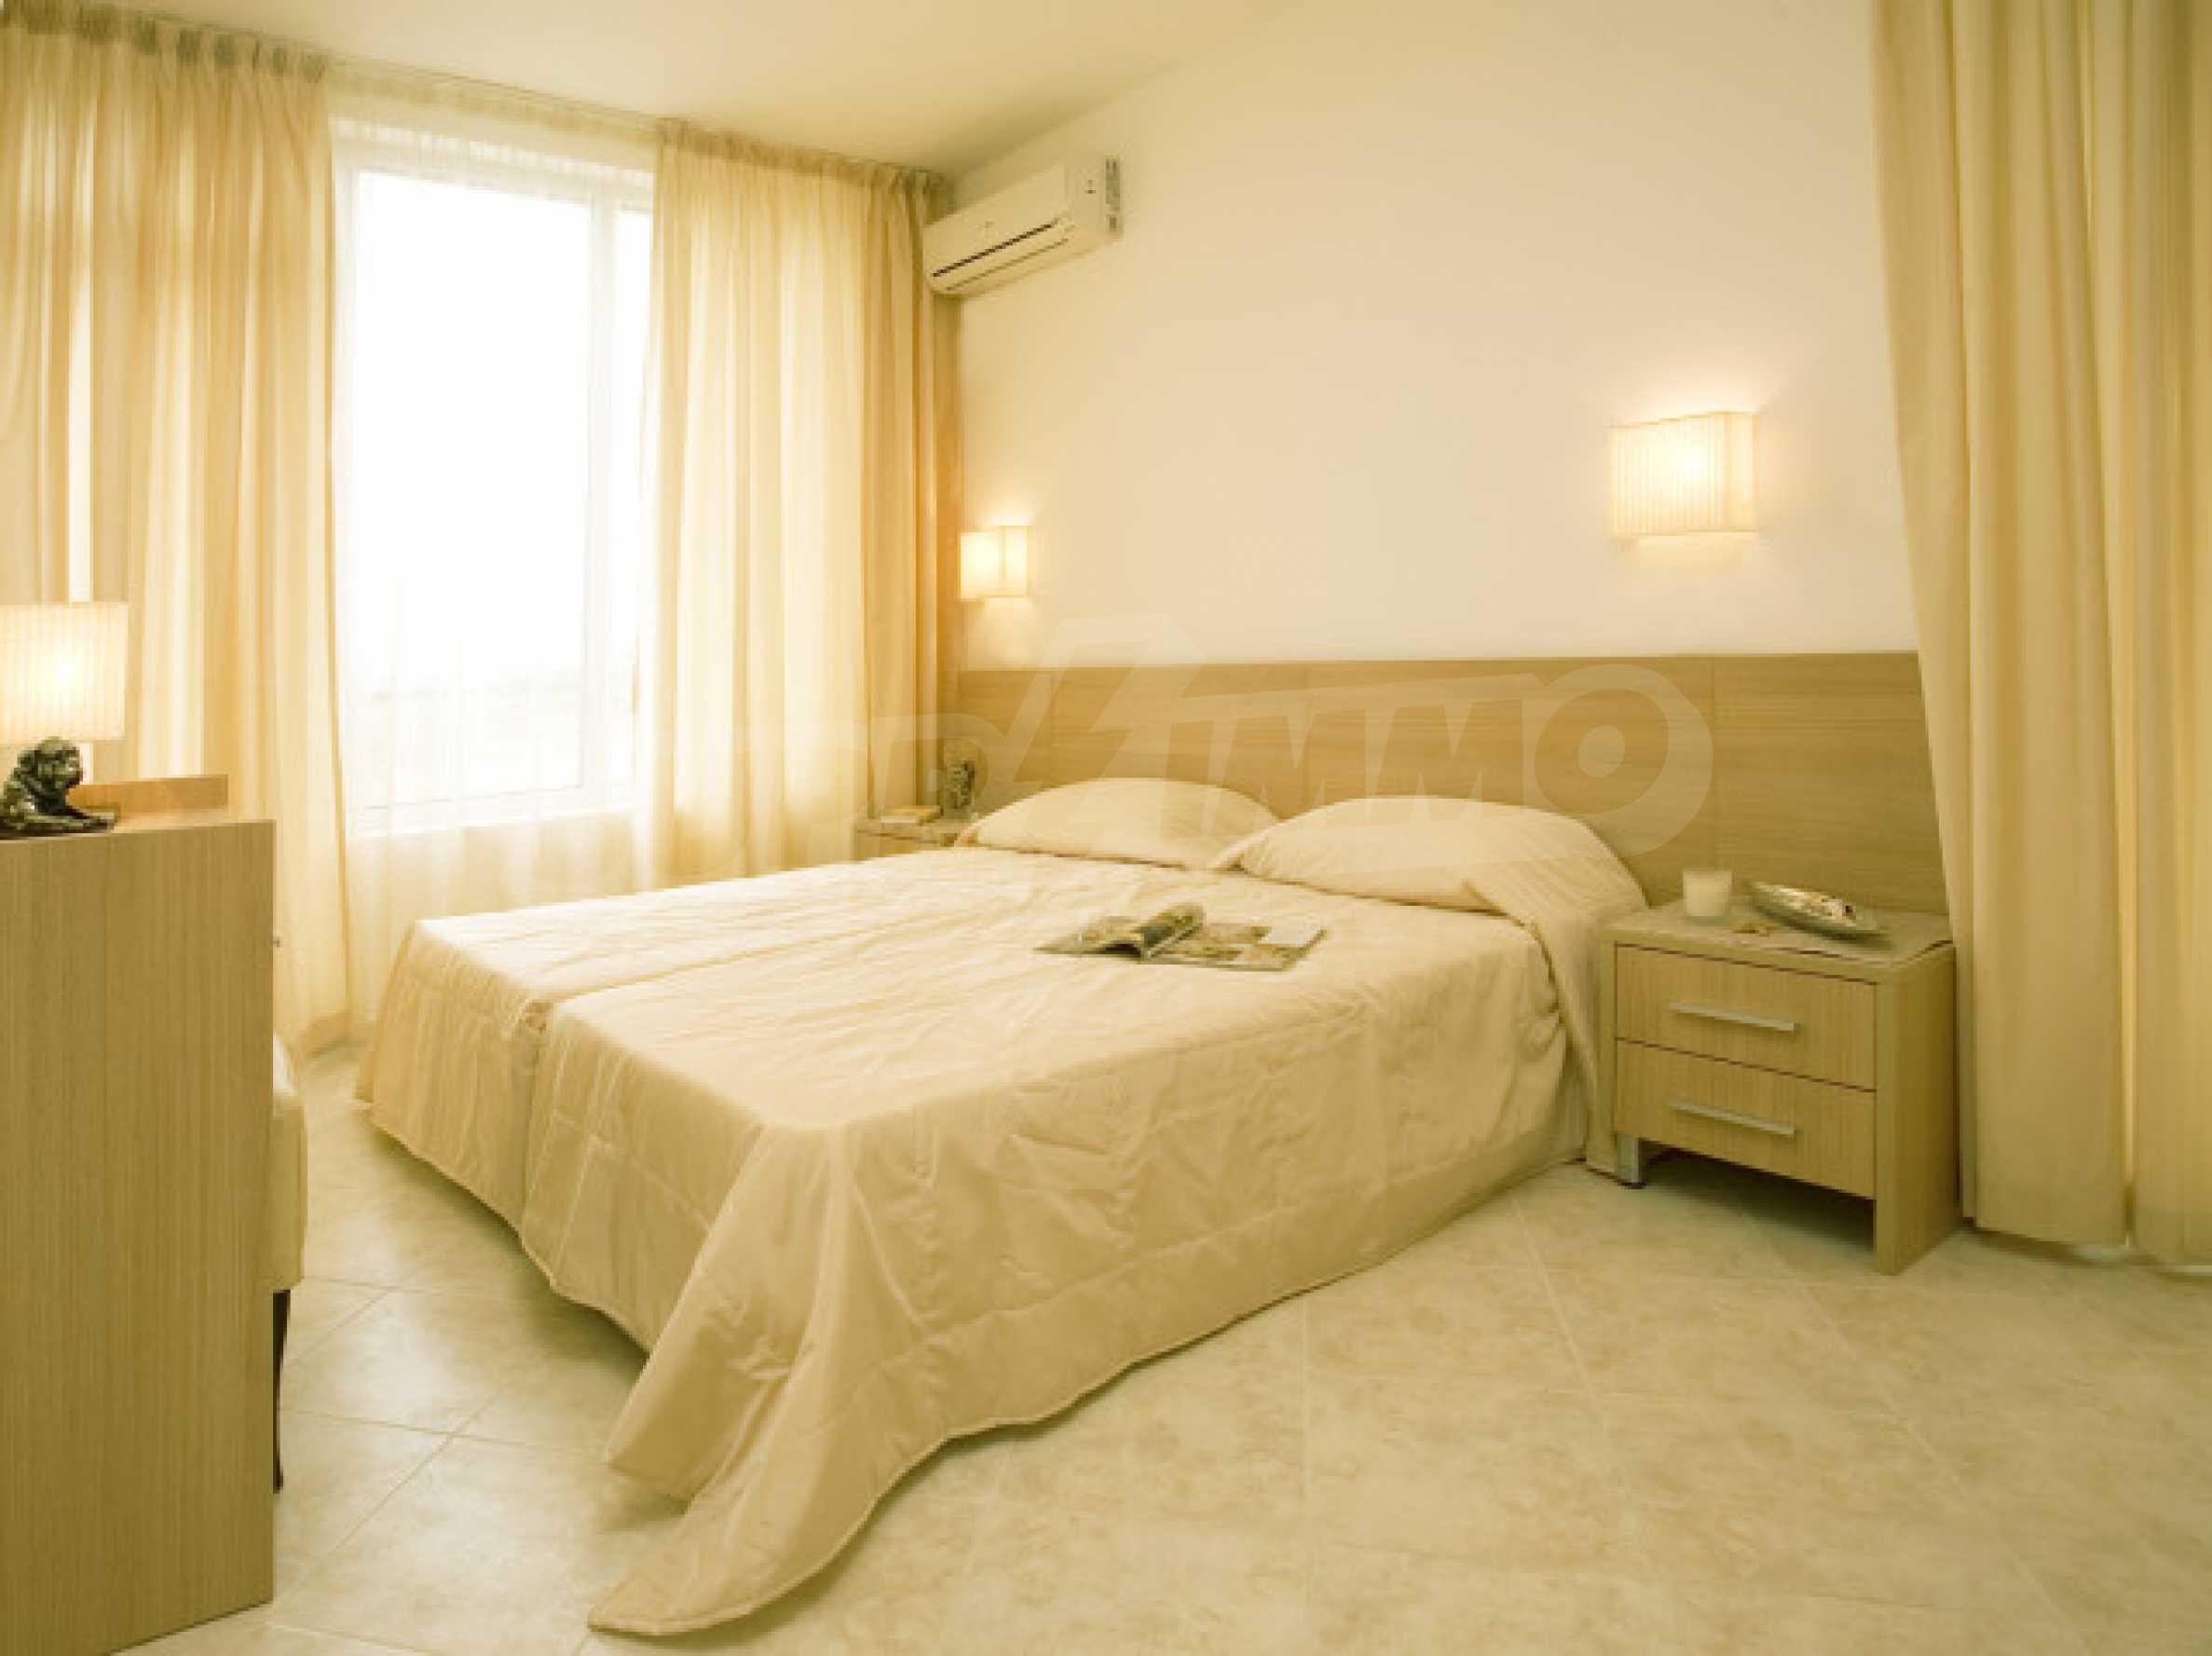 Sunset Kosharitsa - Apartments in einem attraktiven Berg- und Seekomplex, 5 Autominuten vom Sonnenstrand entfernt 58